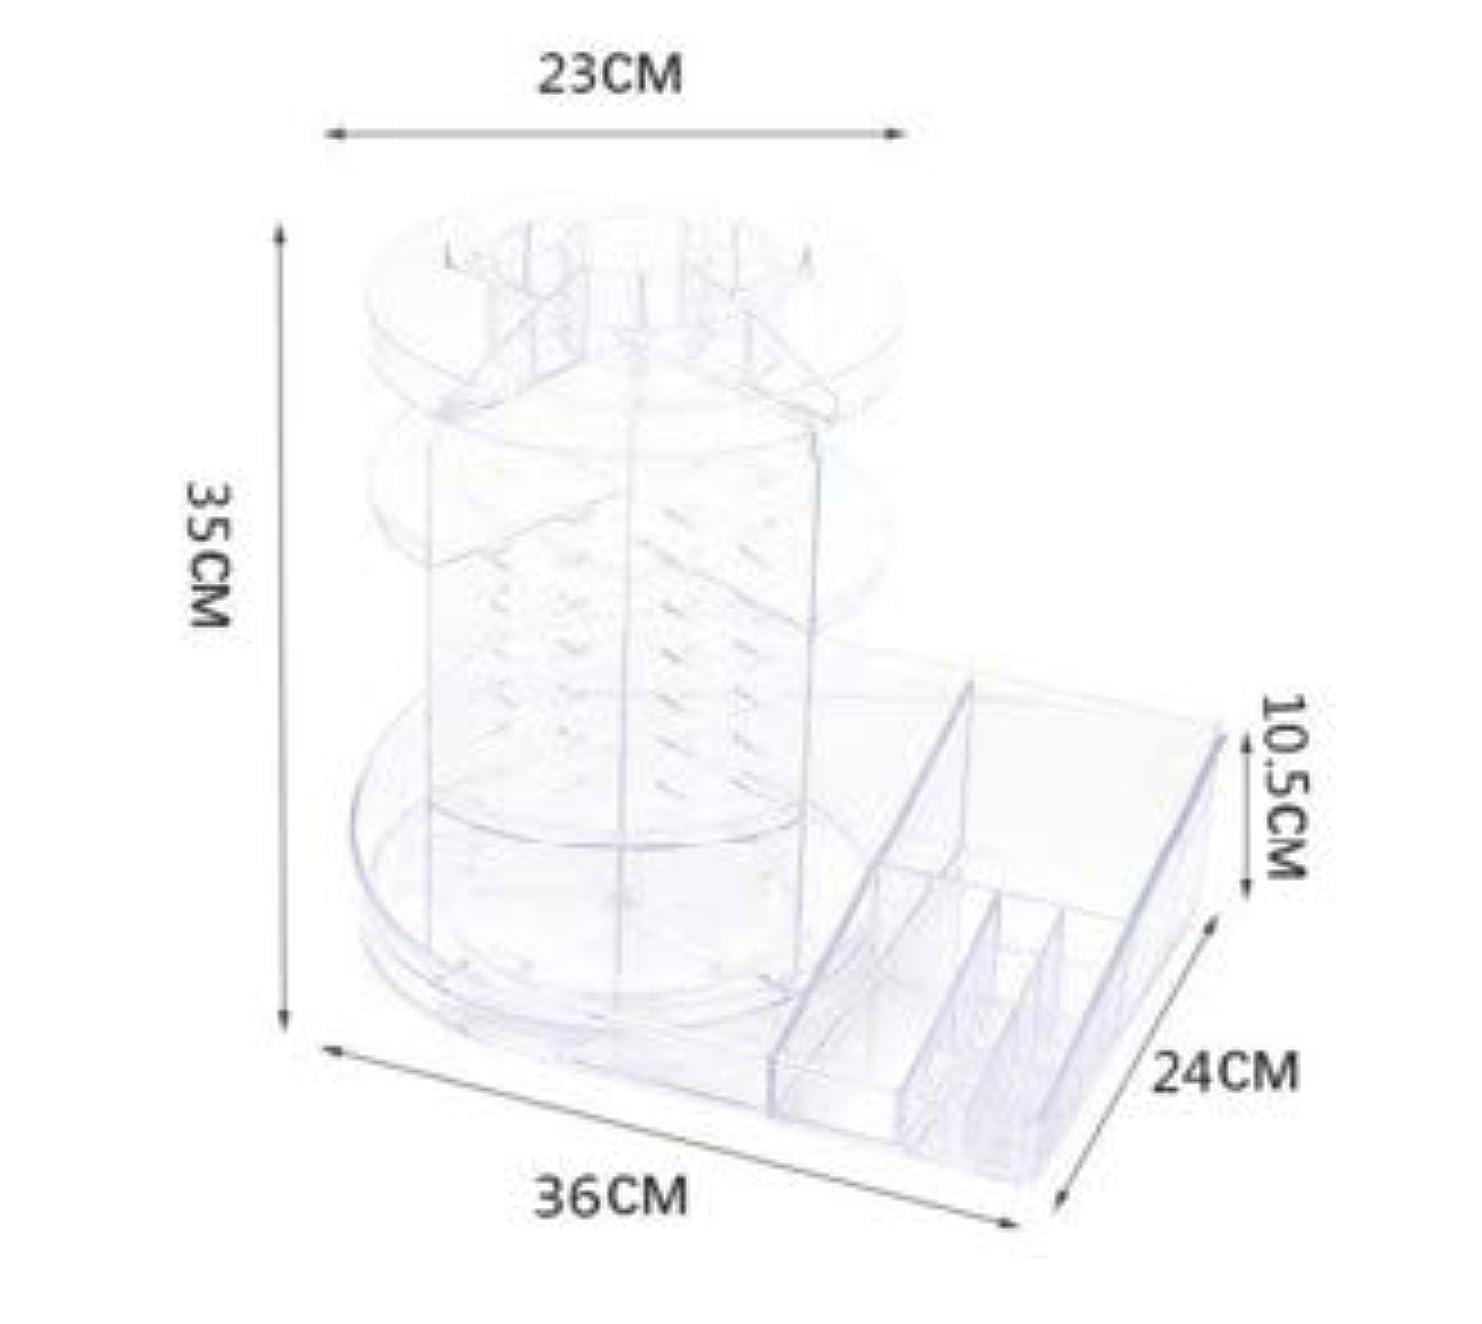 矛盾する特派員懐疑論化粧品収納ボックス透明回転テーブル化粧台スキンケア製品口紅ラック仕上げボックス (Color : ホワイト)